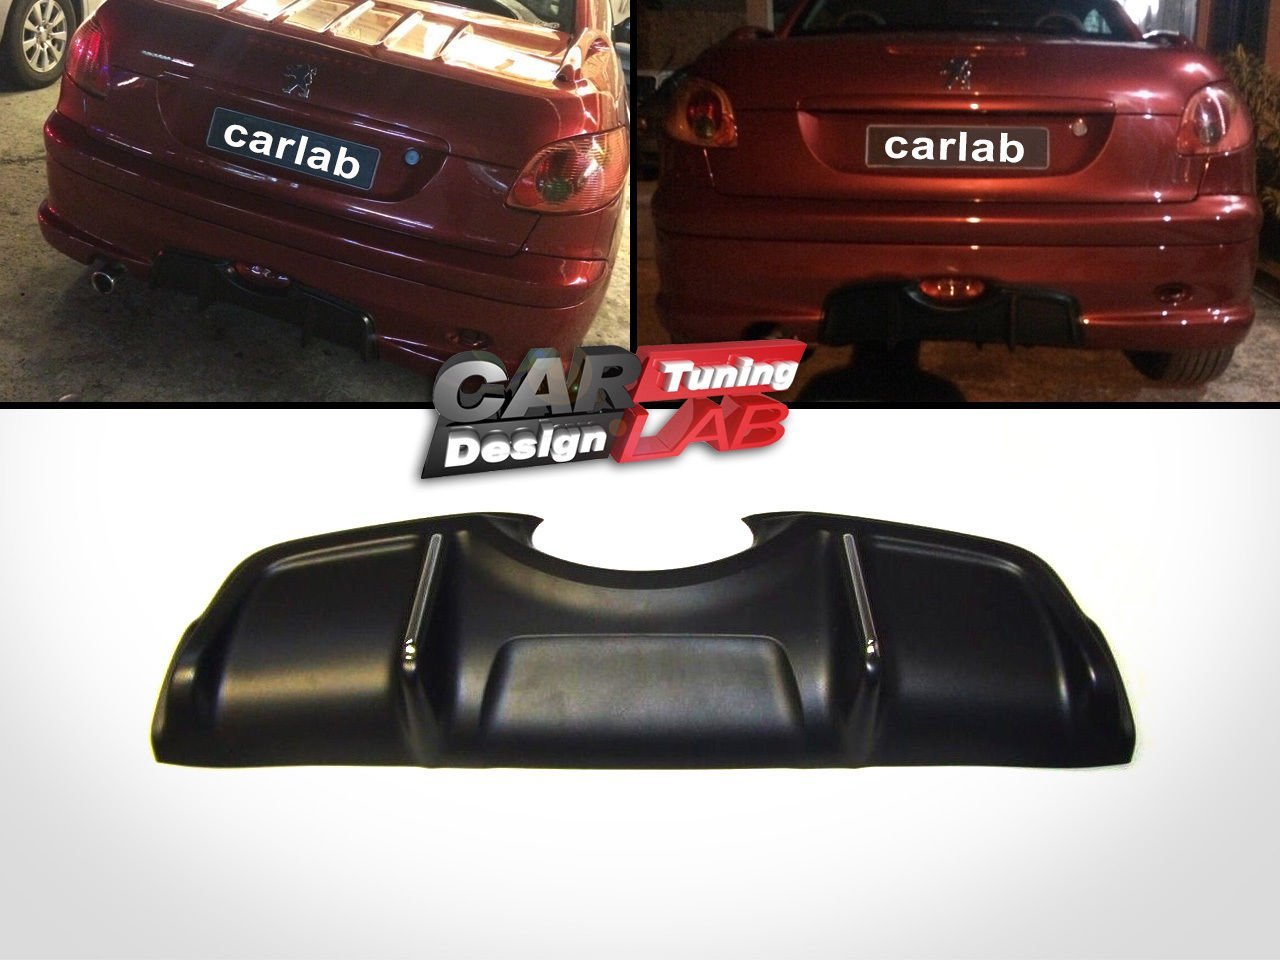 Diffusore paraurti posteriore nero defuser Spoiler CarLab